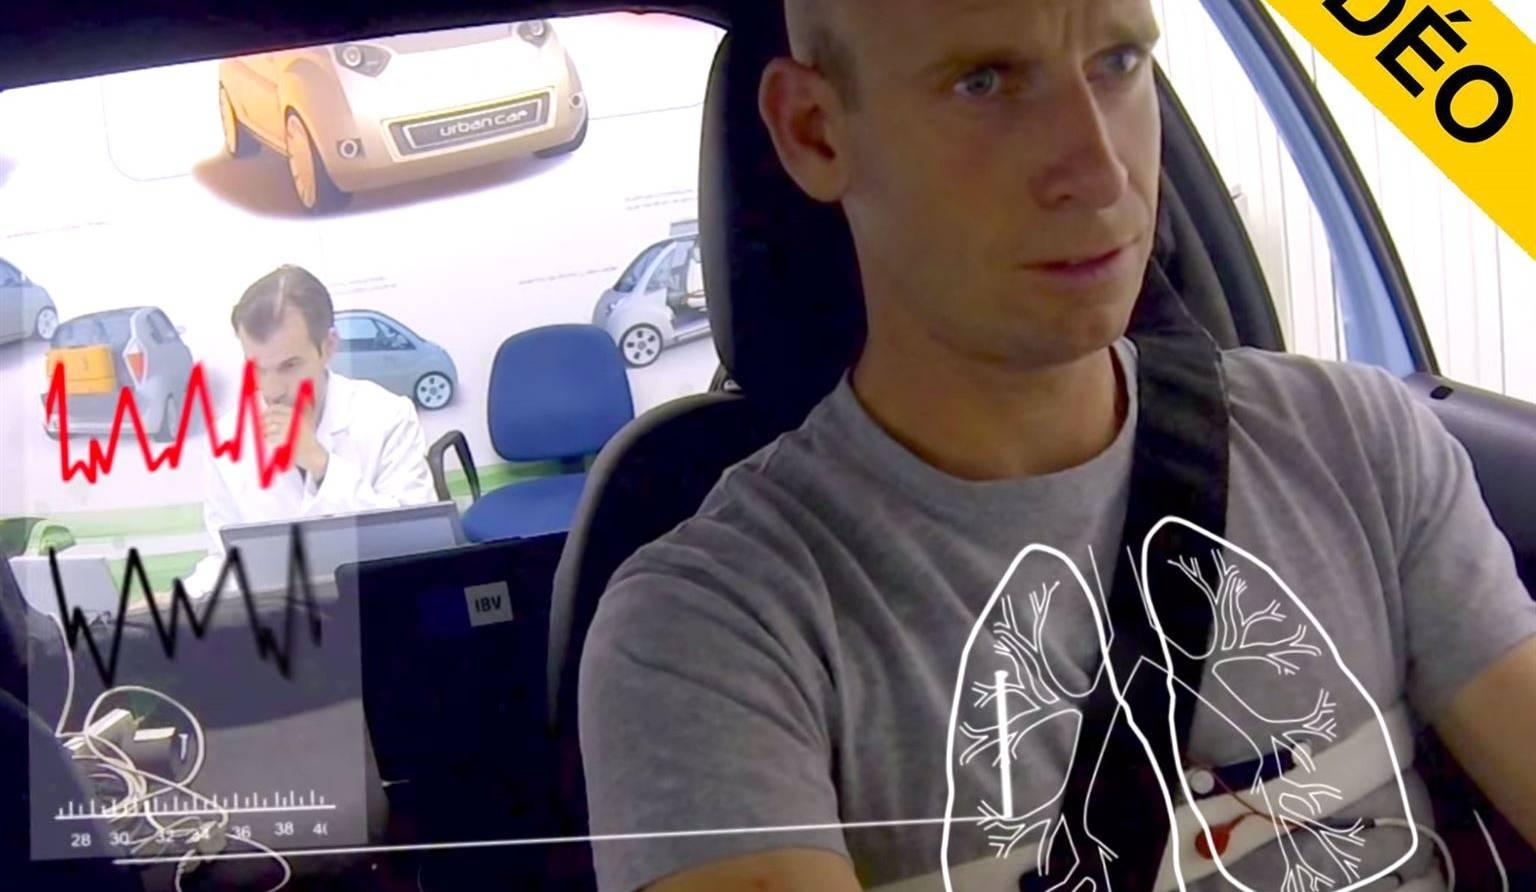 Une ceinture de sécurité pour réveiller les automobilistes qui s'endorment